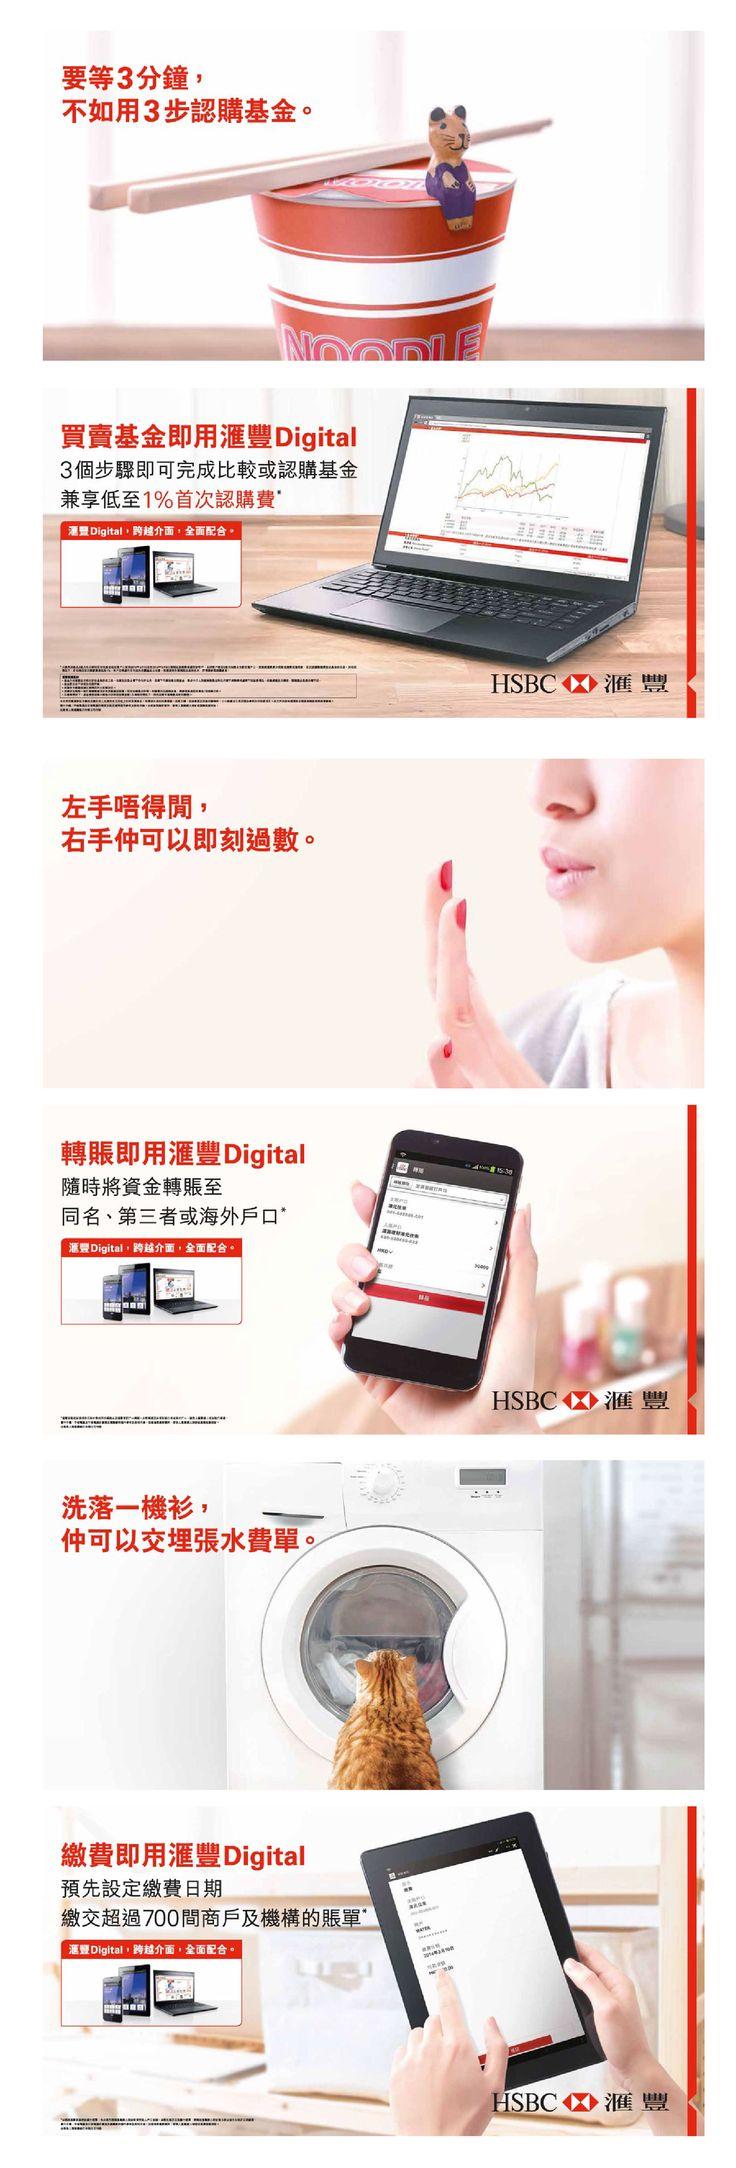 滙豐 Digital 反應家族 print series